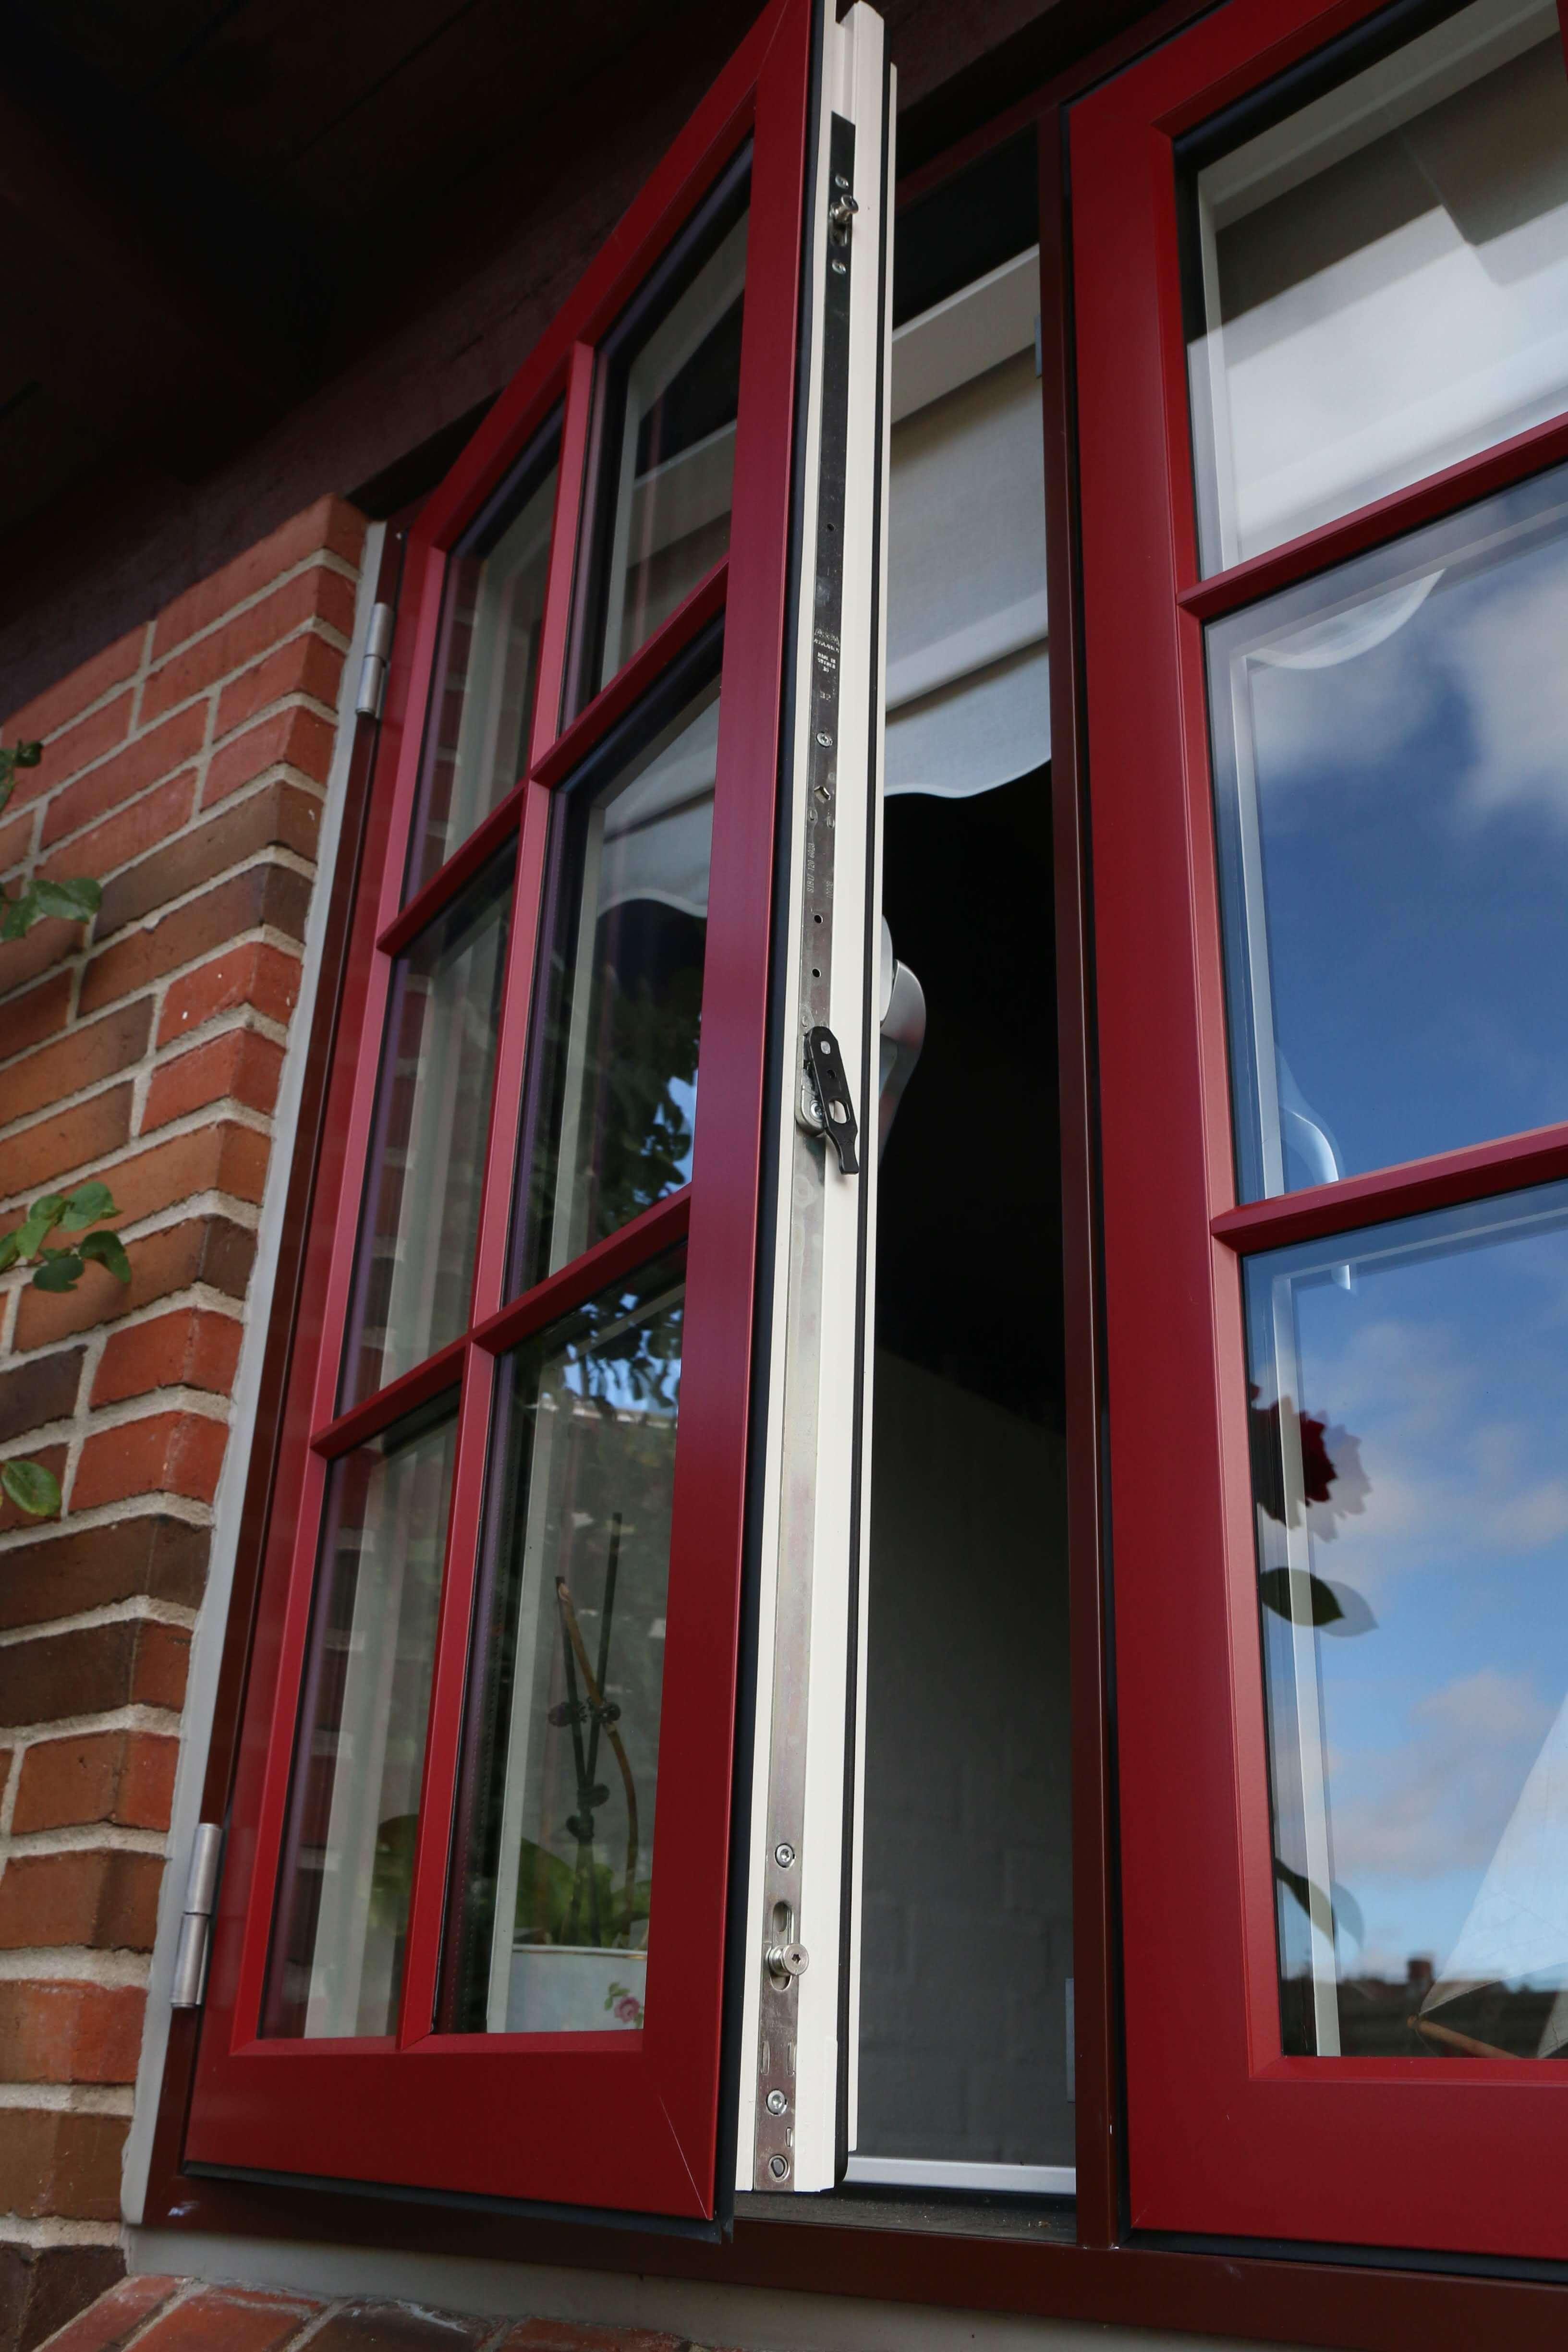 IMG 1902 2 e1554920312309 Døre og vinduer